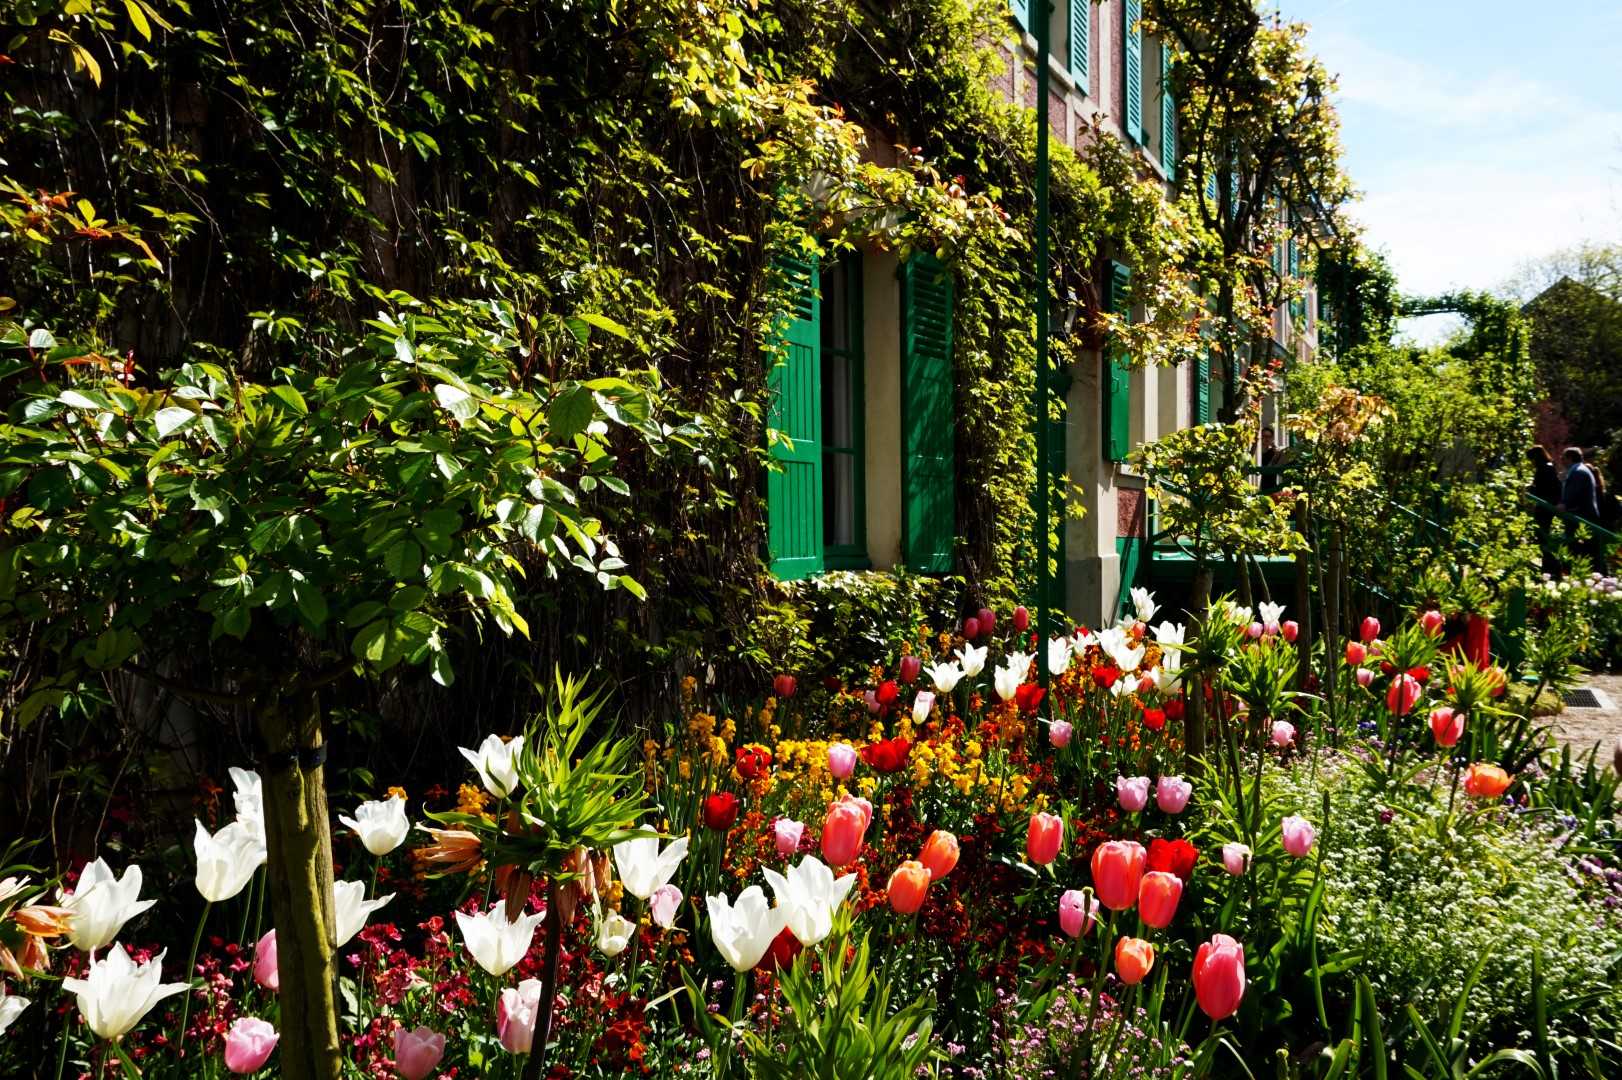 Balade dans les jardins de Monet - le Clos Normand